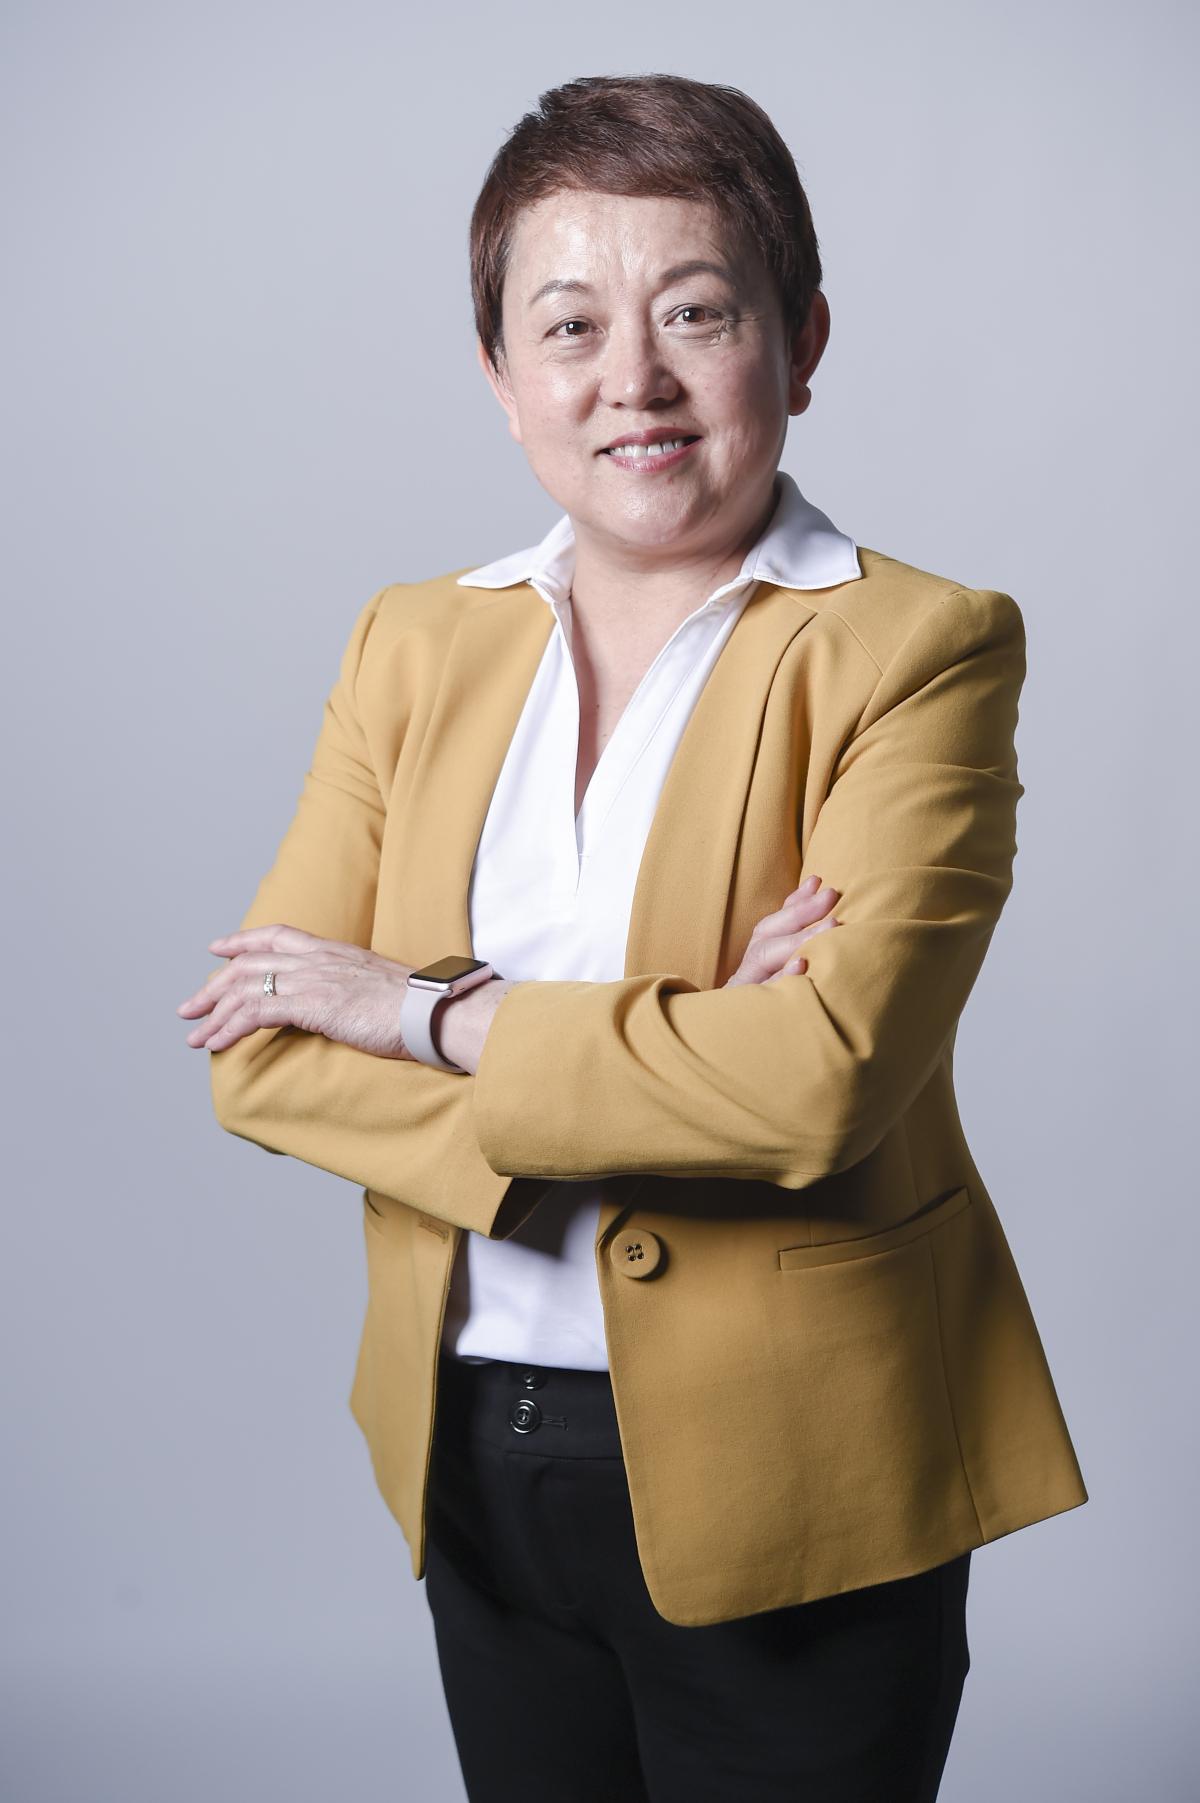 大陆集团康迪泰克中国区研发总监于兆霞博士